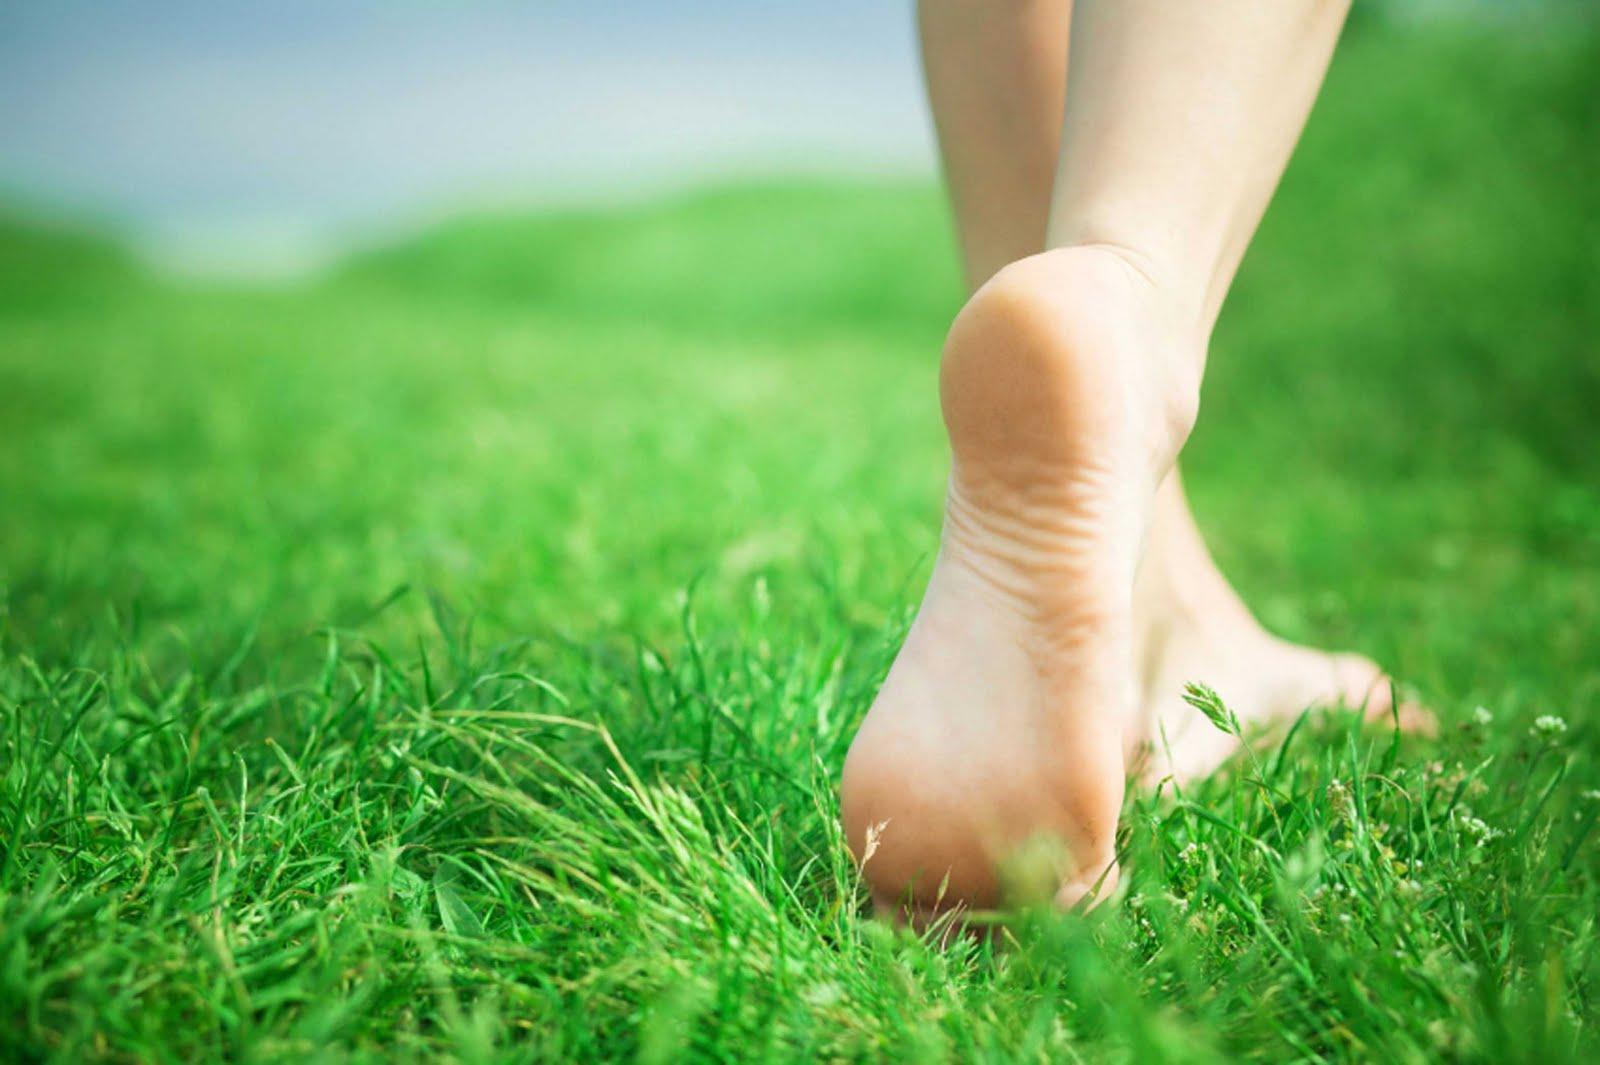 Ступни и пальцы ног фото 25 фотография